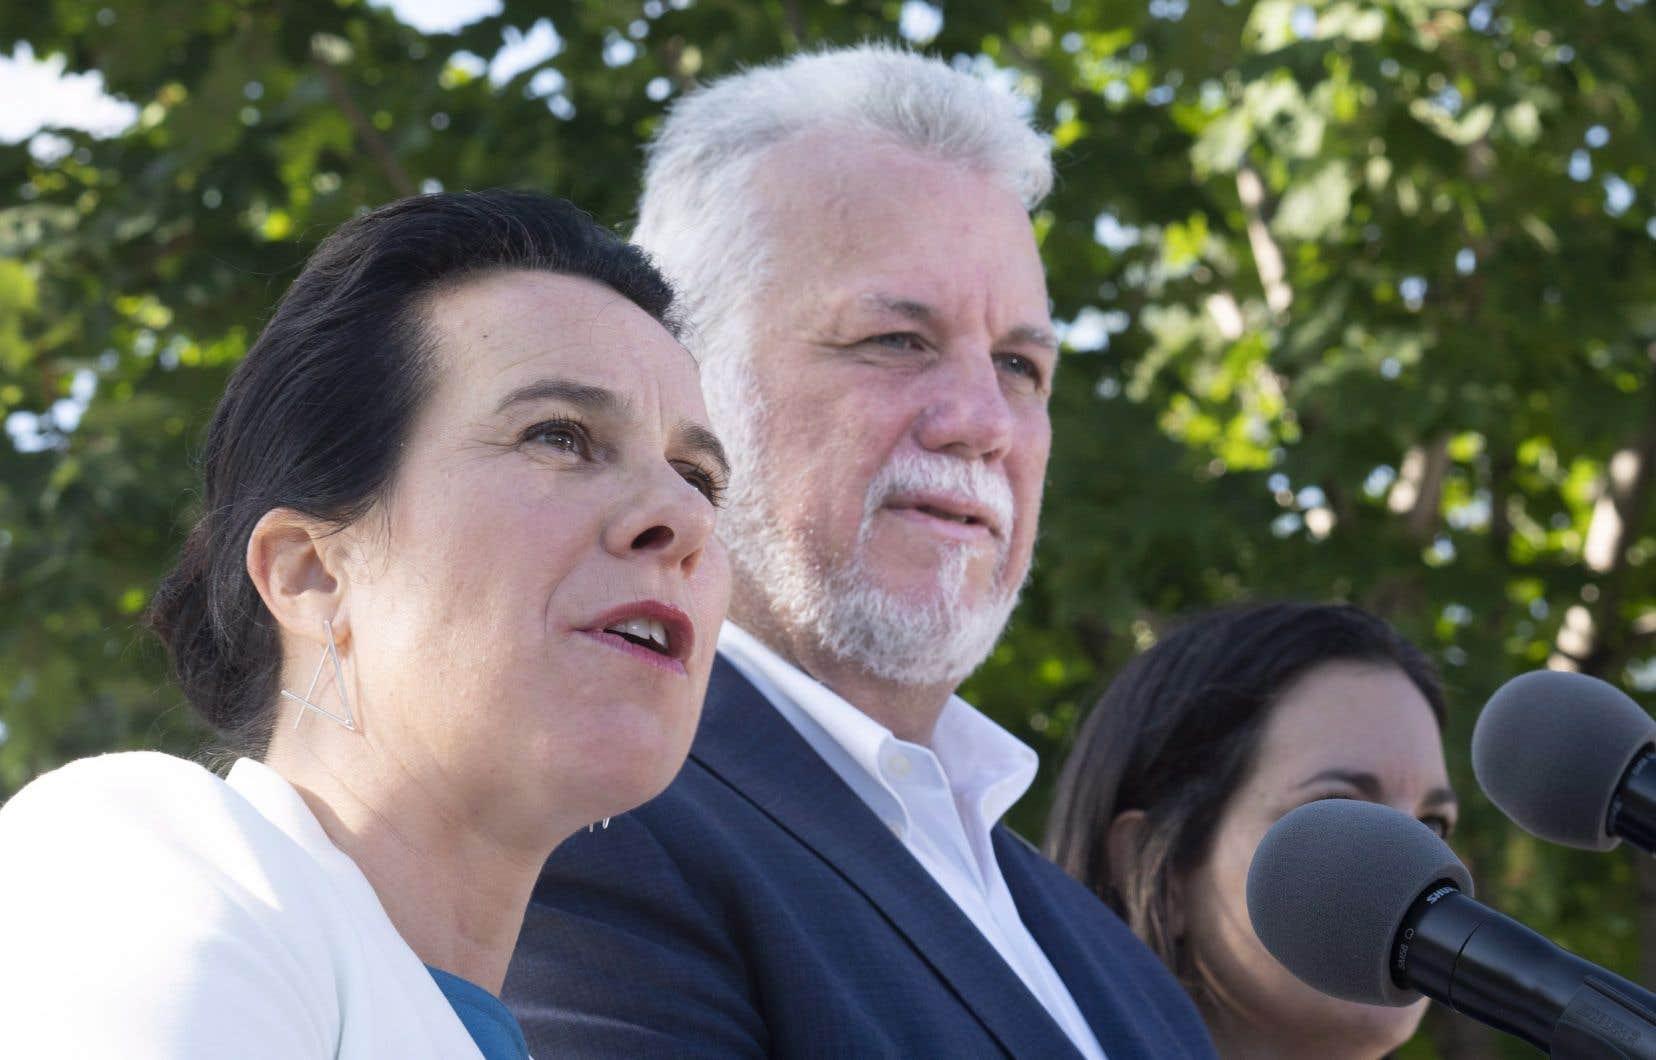 Valérie Plante a mis en avant les besoins de Montréal en main-d'œuvre pour justifier son rejet catégorique de la proposition de la Coalition avenir Québec.